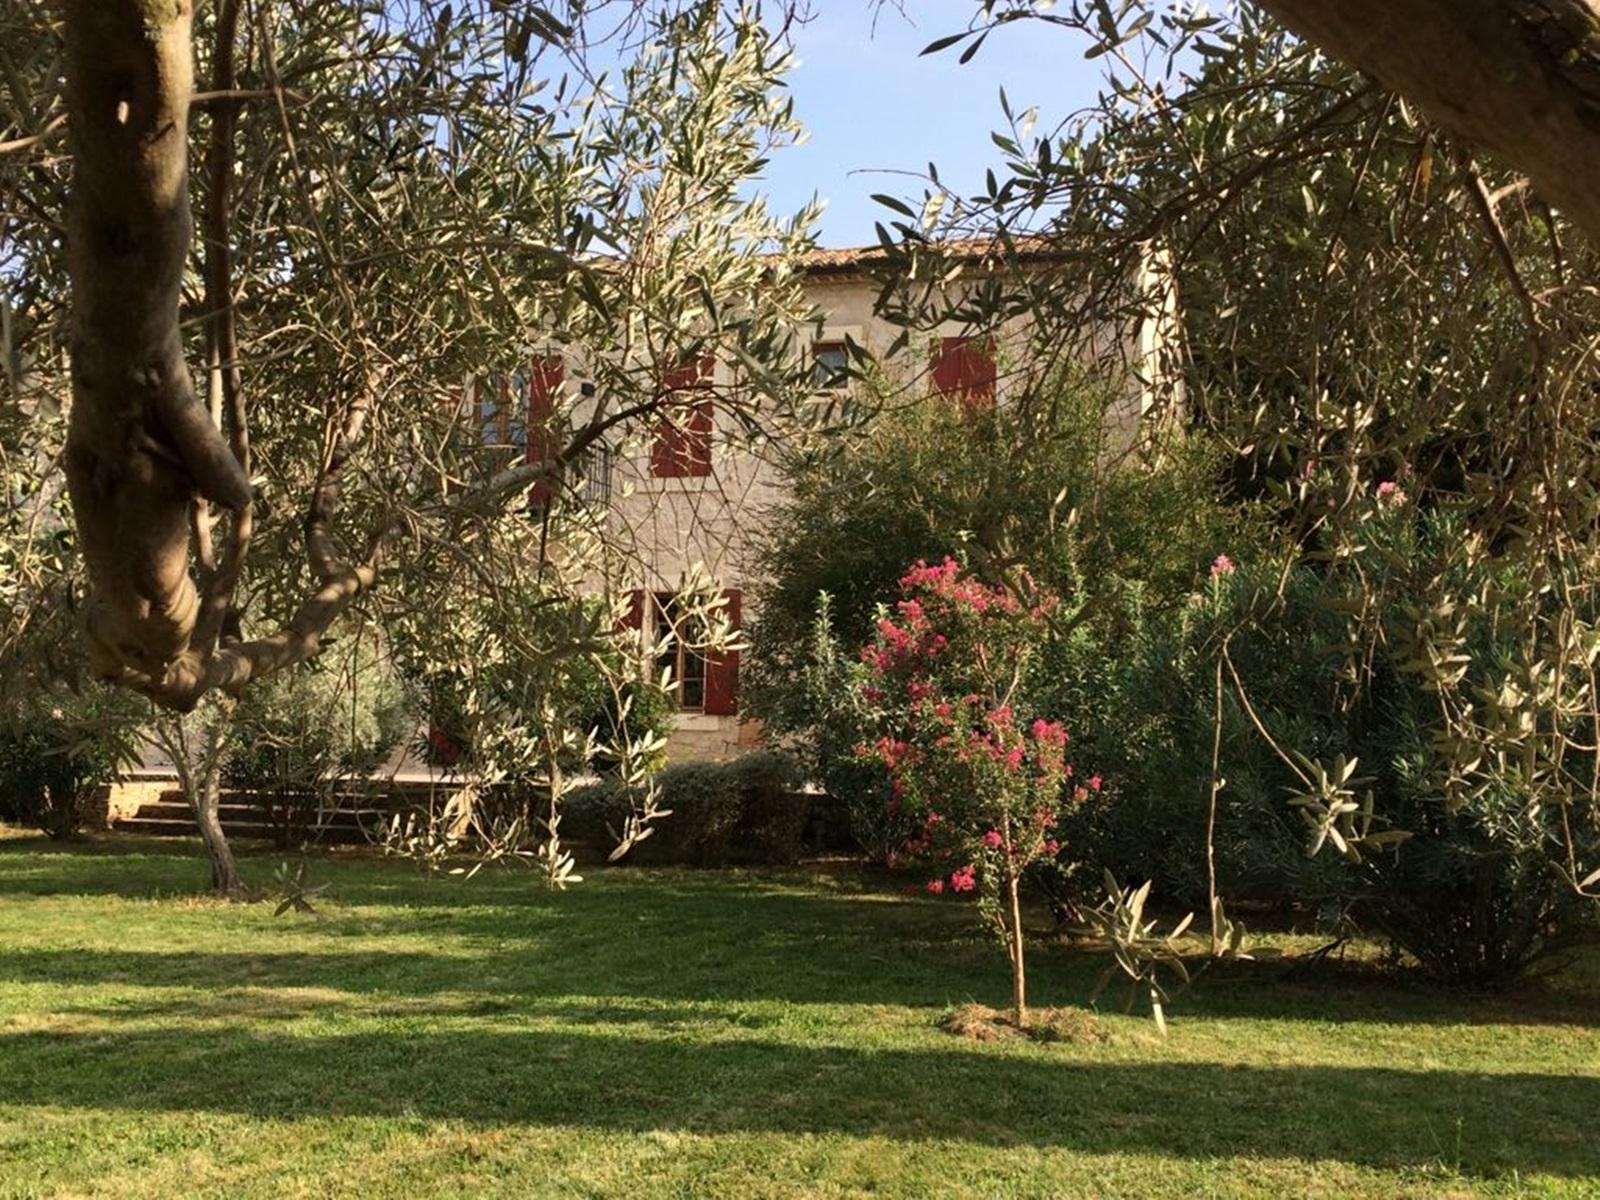 La-Broutte_Gartenarbeit